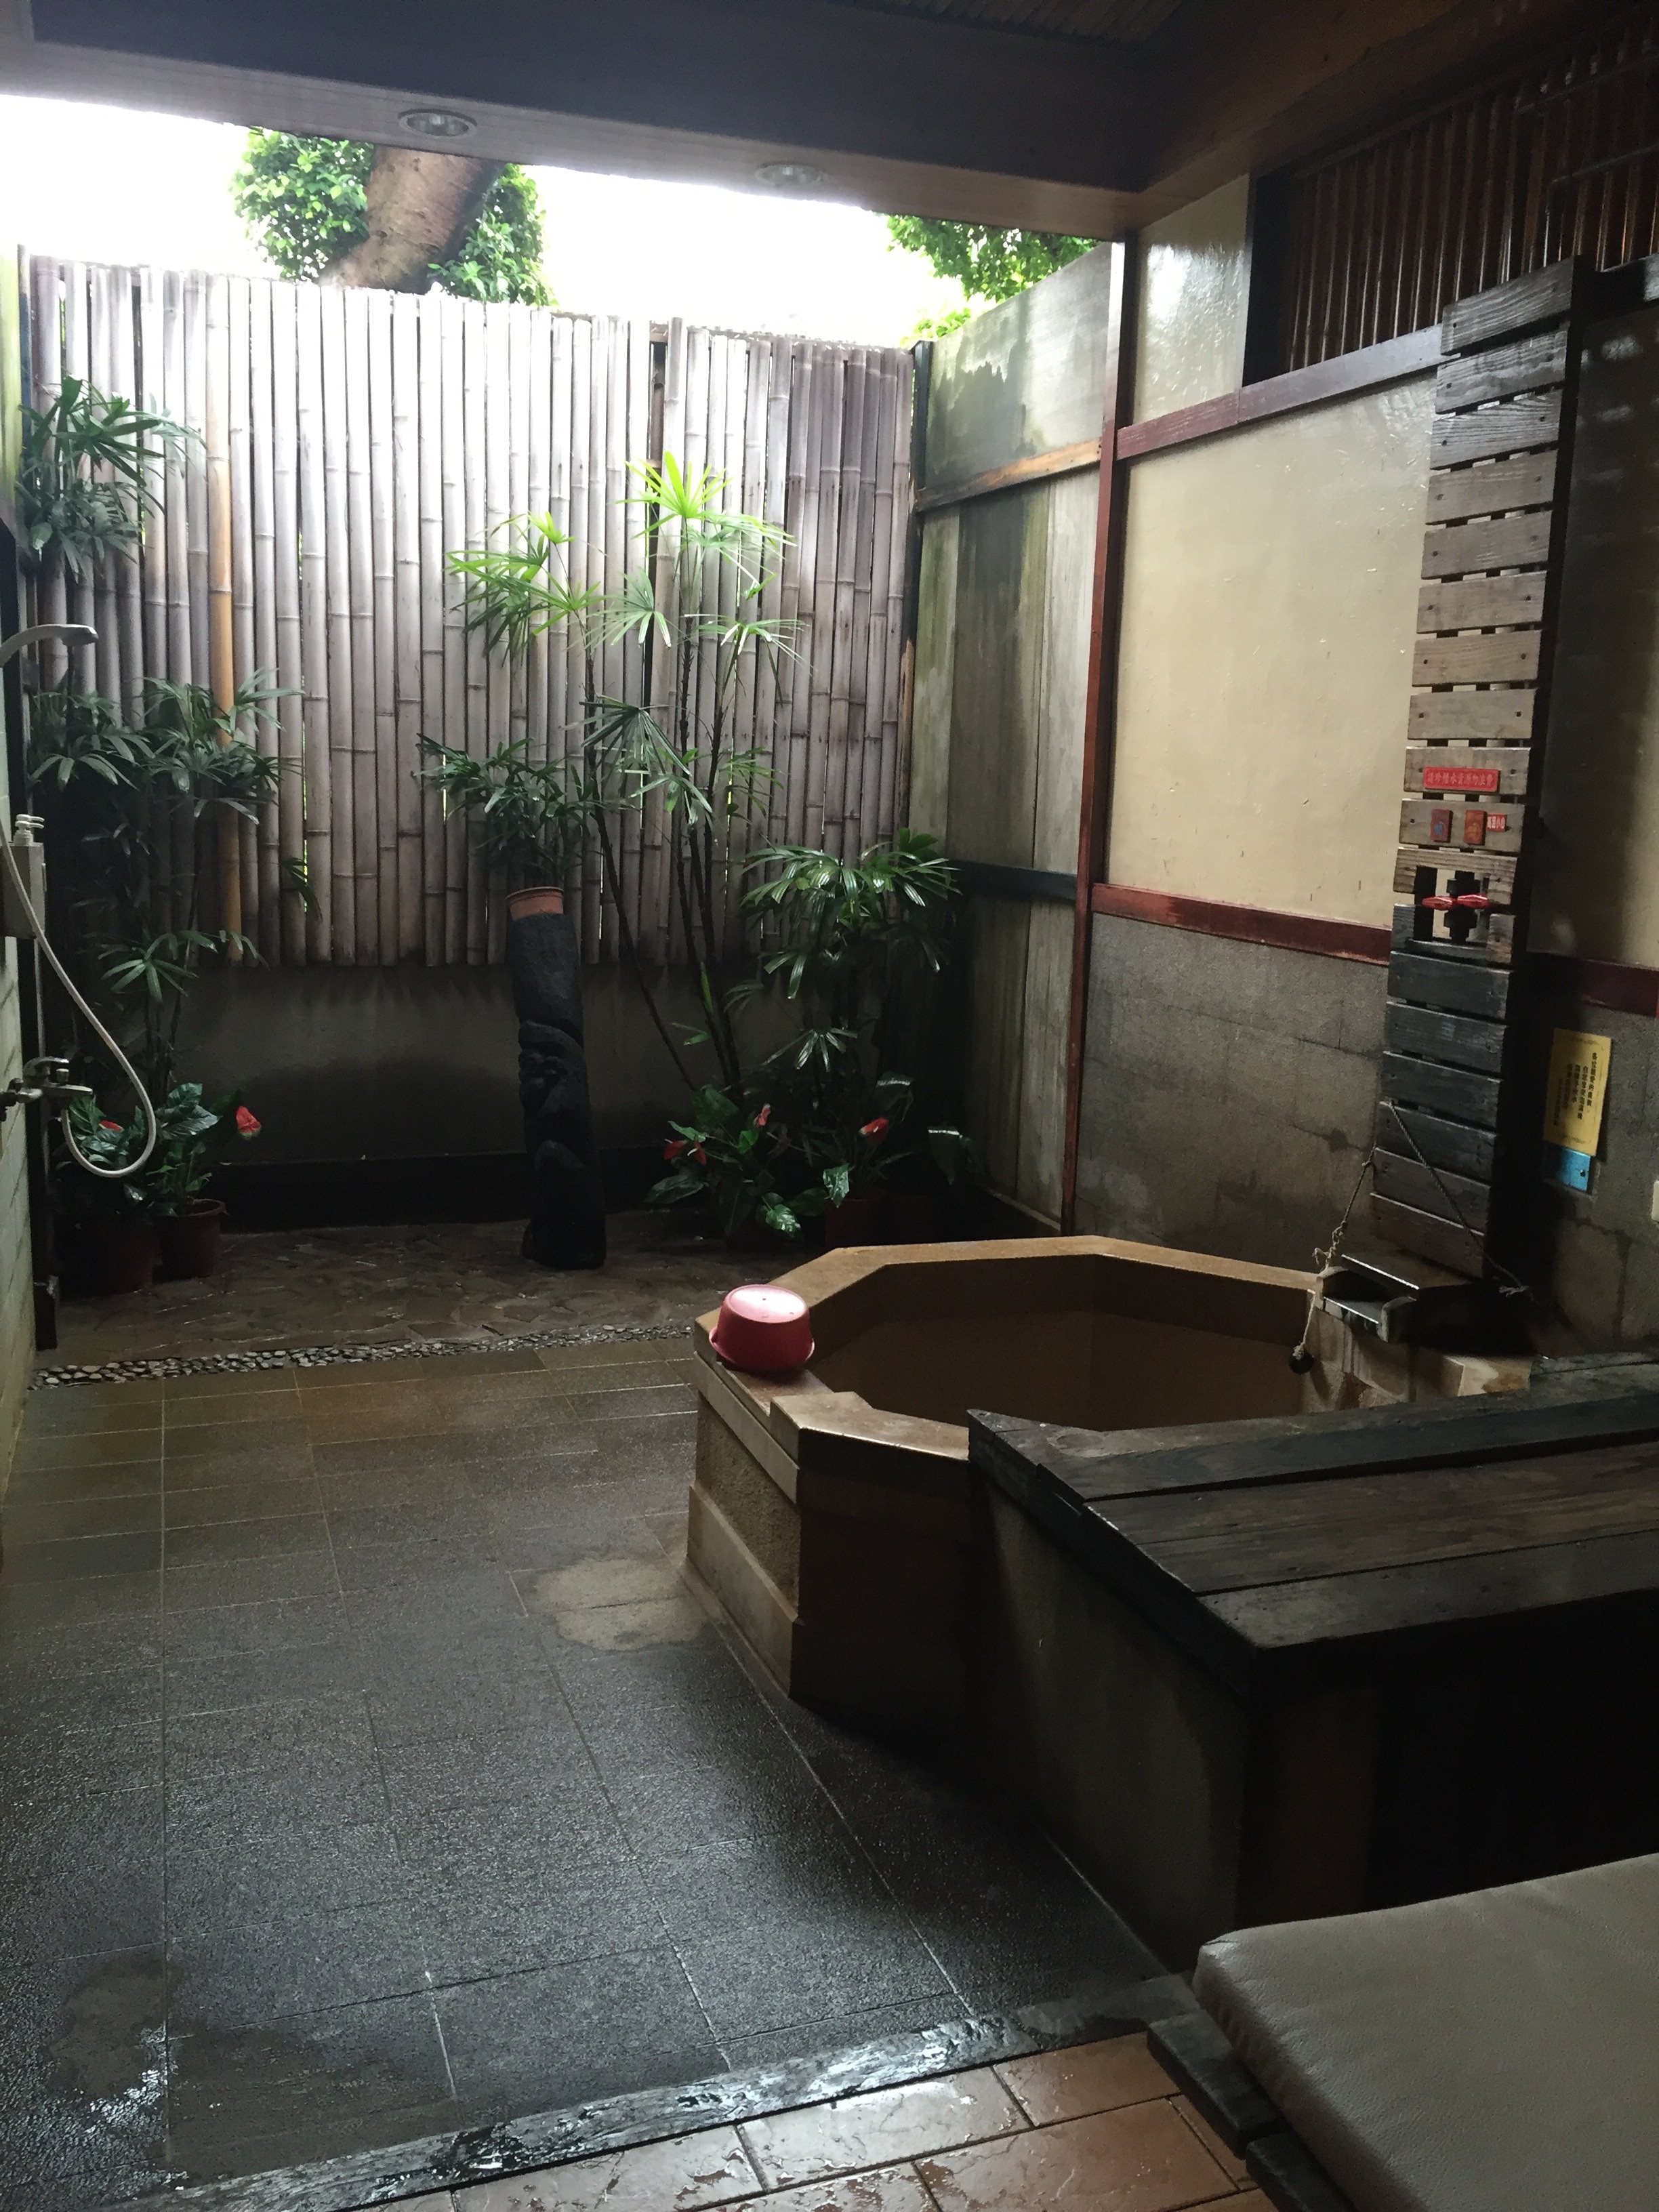 Semi-outdoor private bath